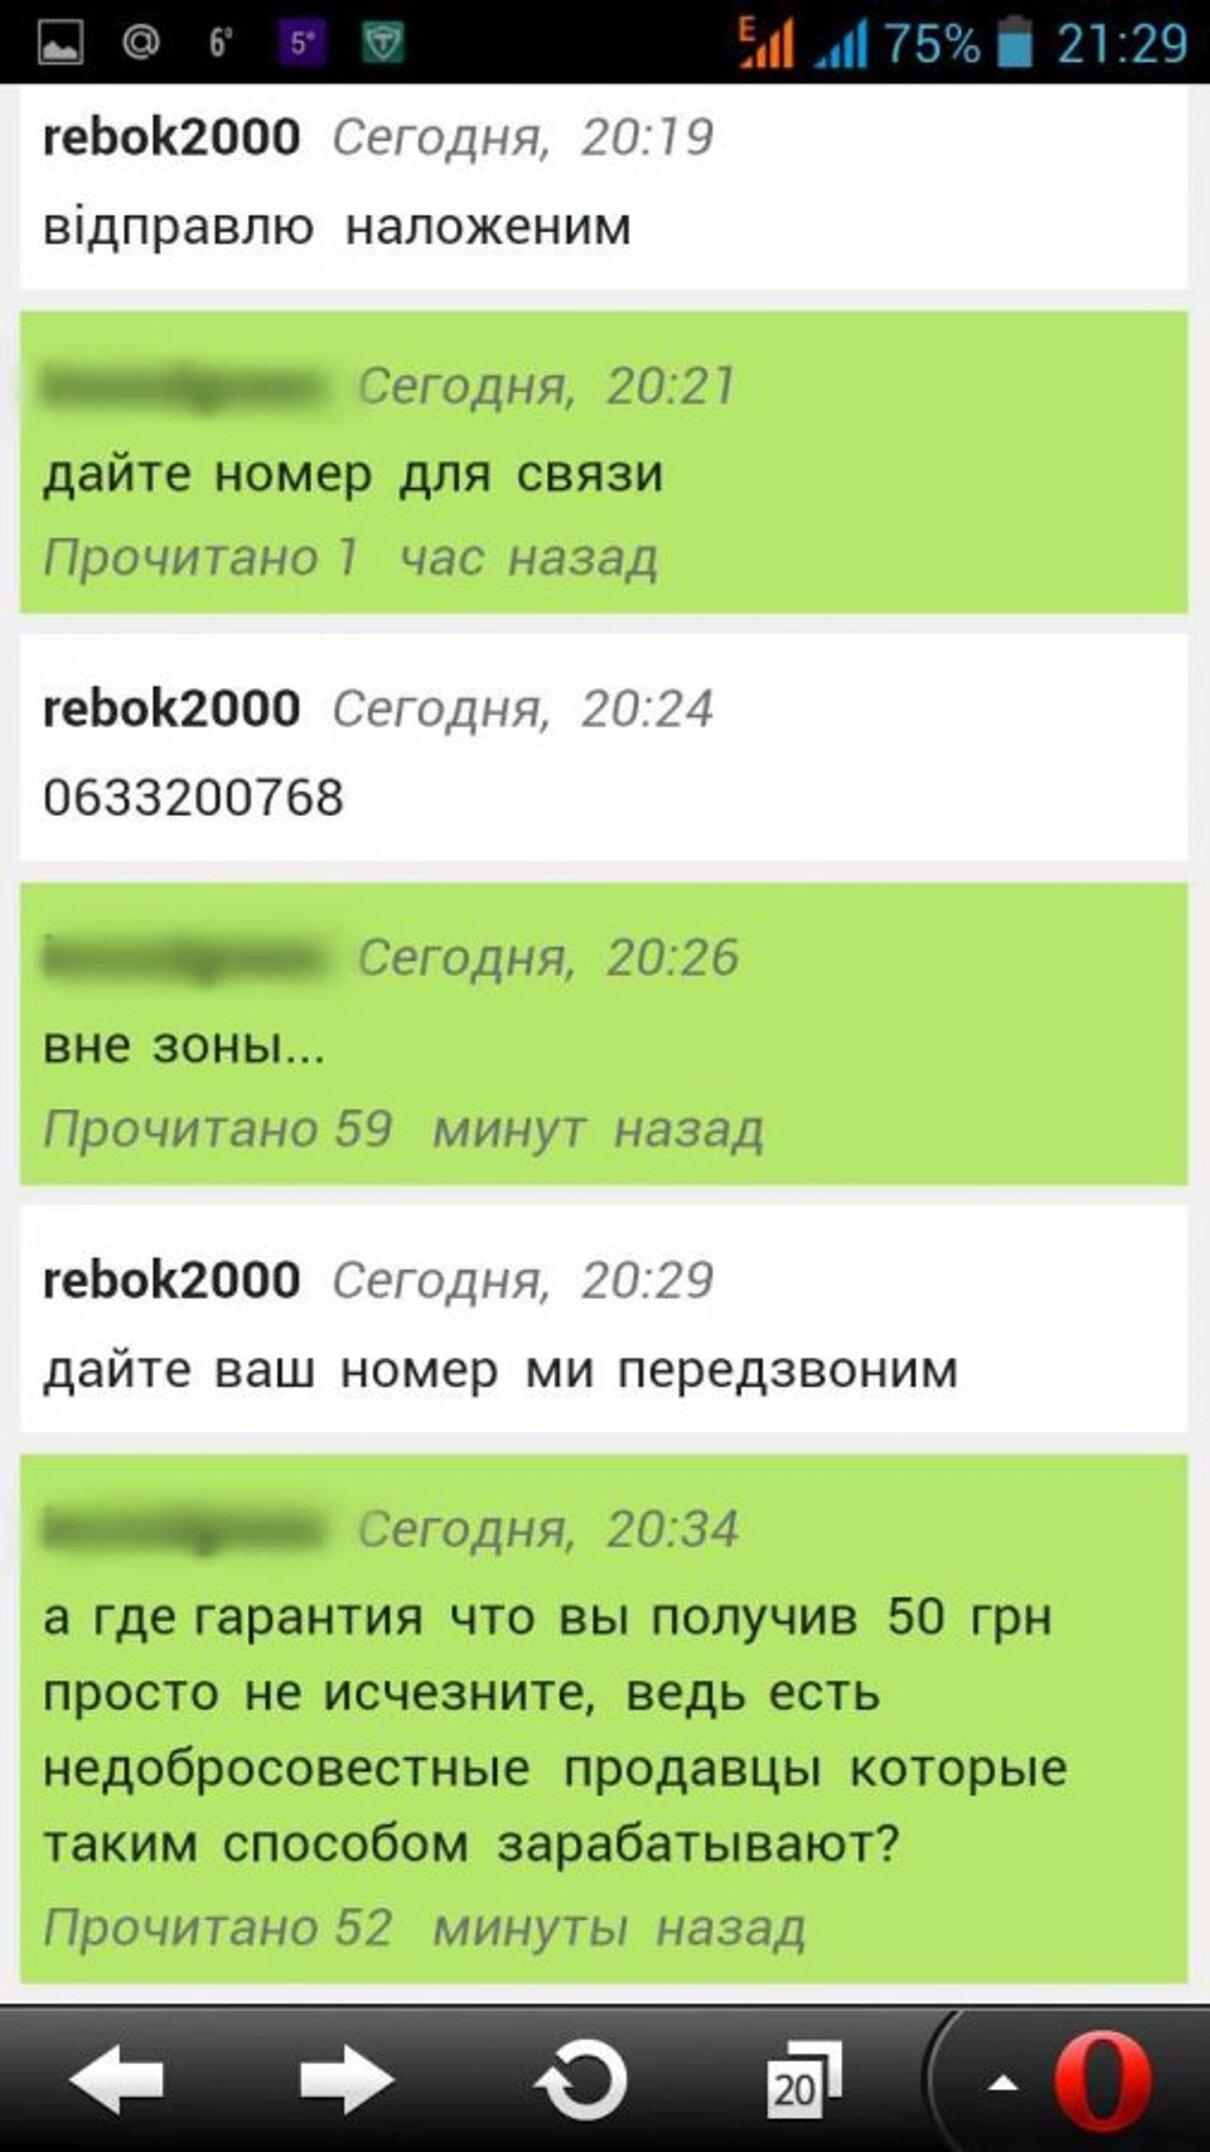 Жалоба-отзыв: Барилюк Ярослав Валерьевич - Мошенник на olx.  Фото №2